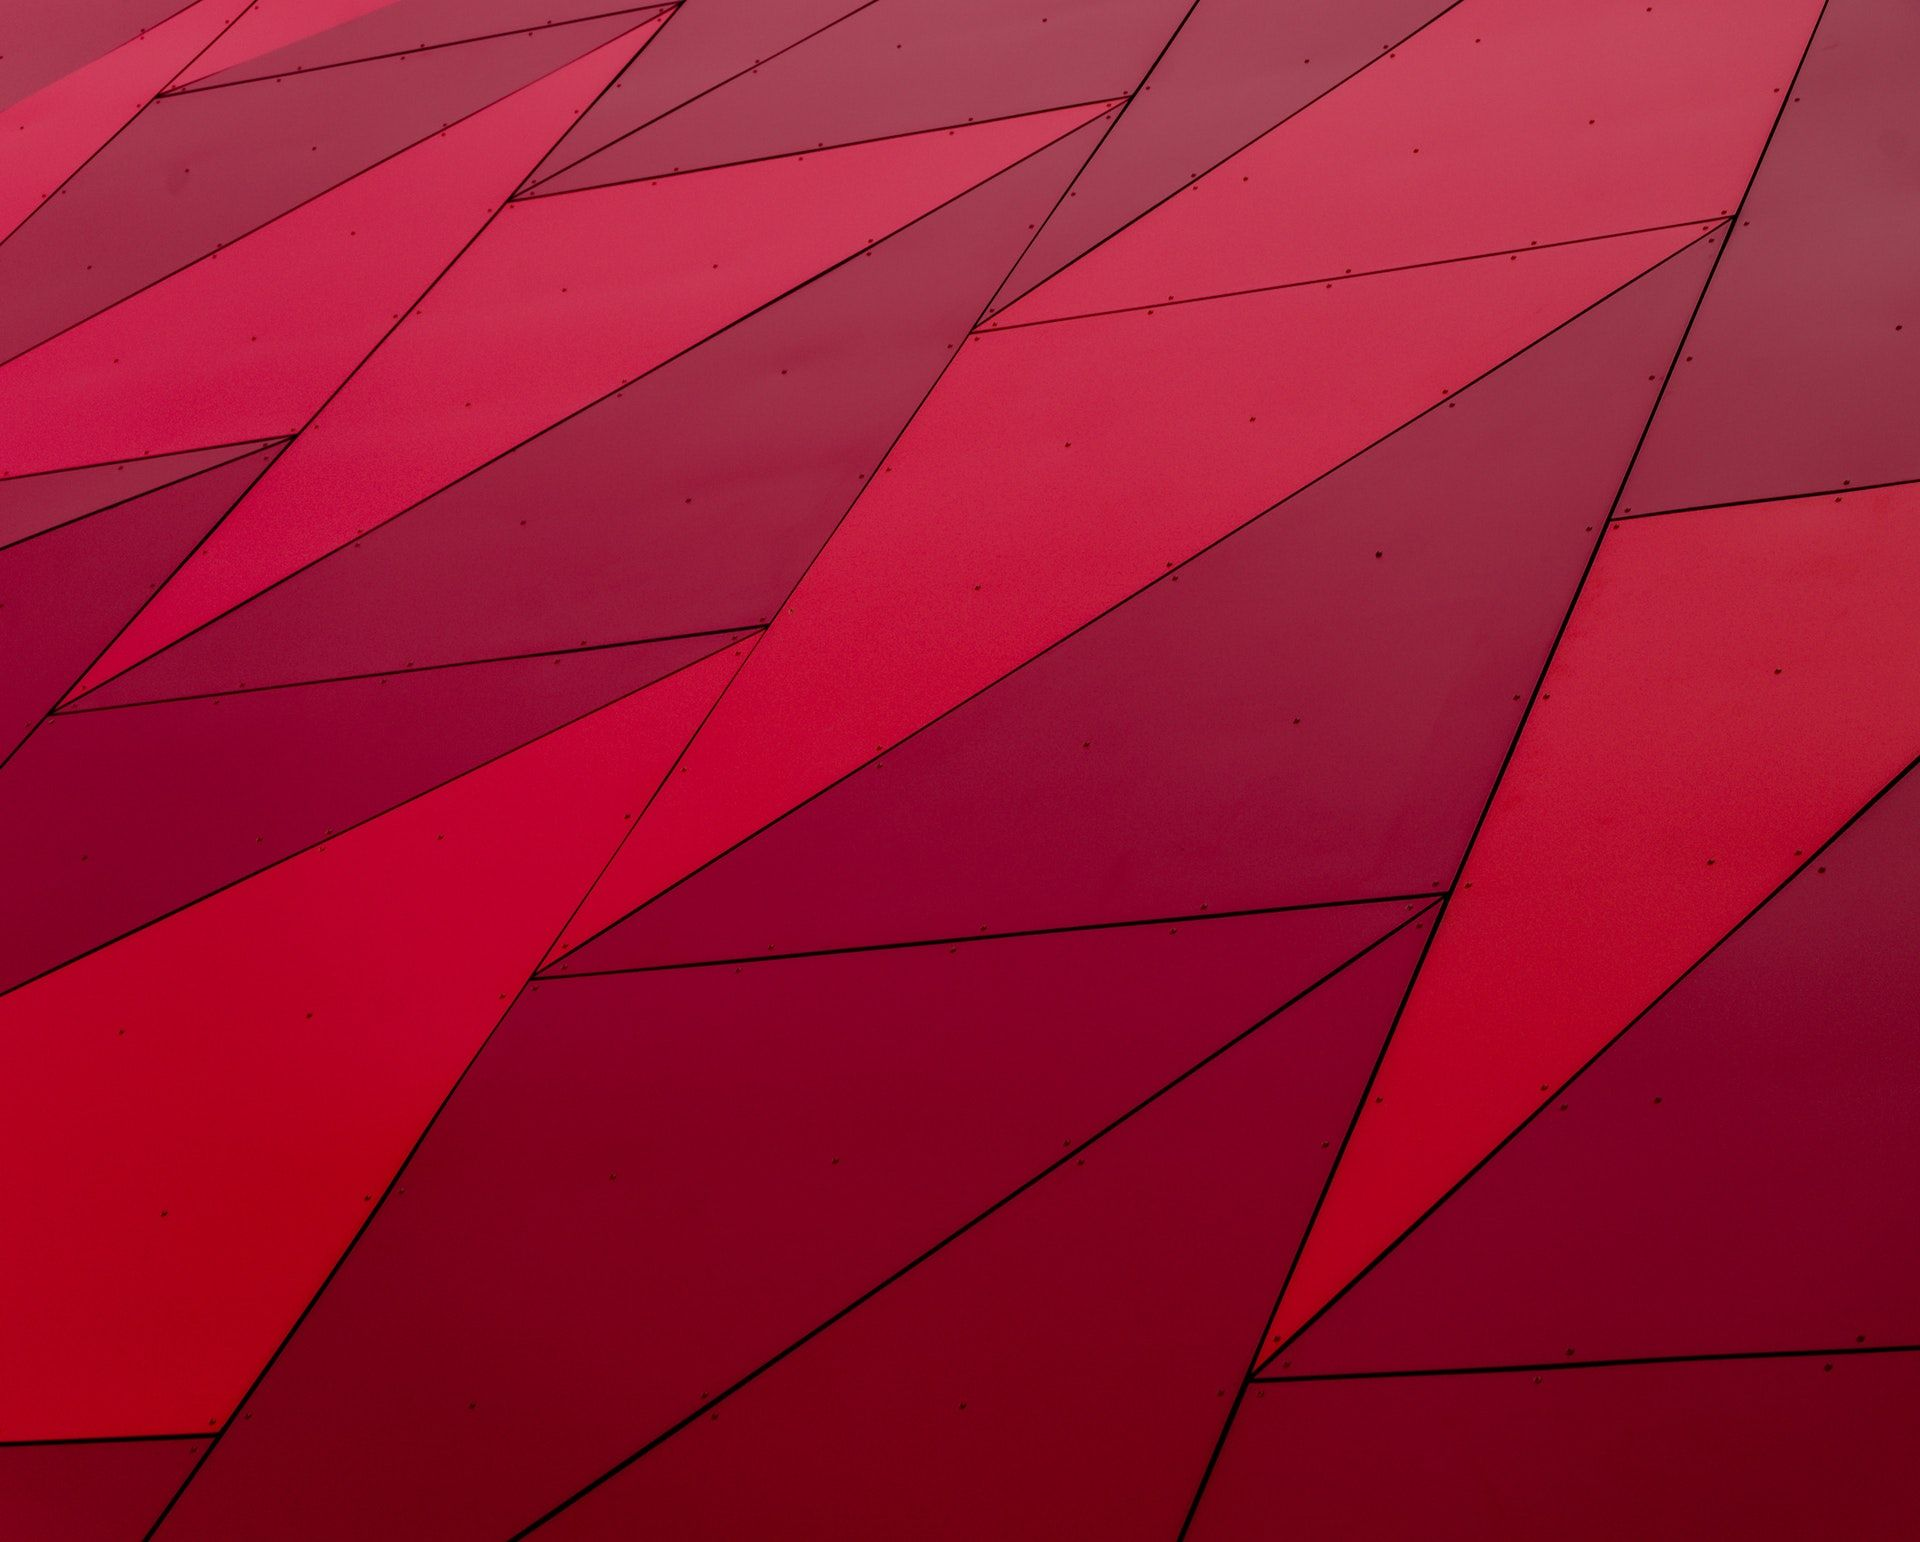 عکس زمینه طرح قرمز هندسی مثلثی پس زمینه